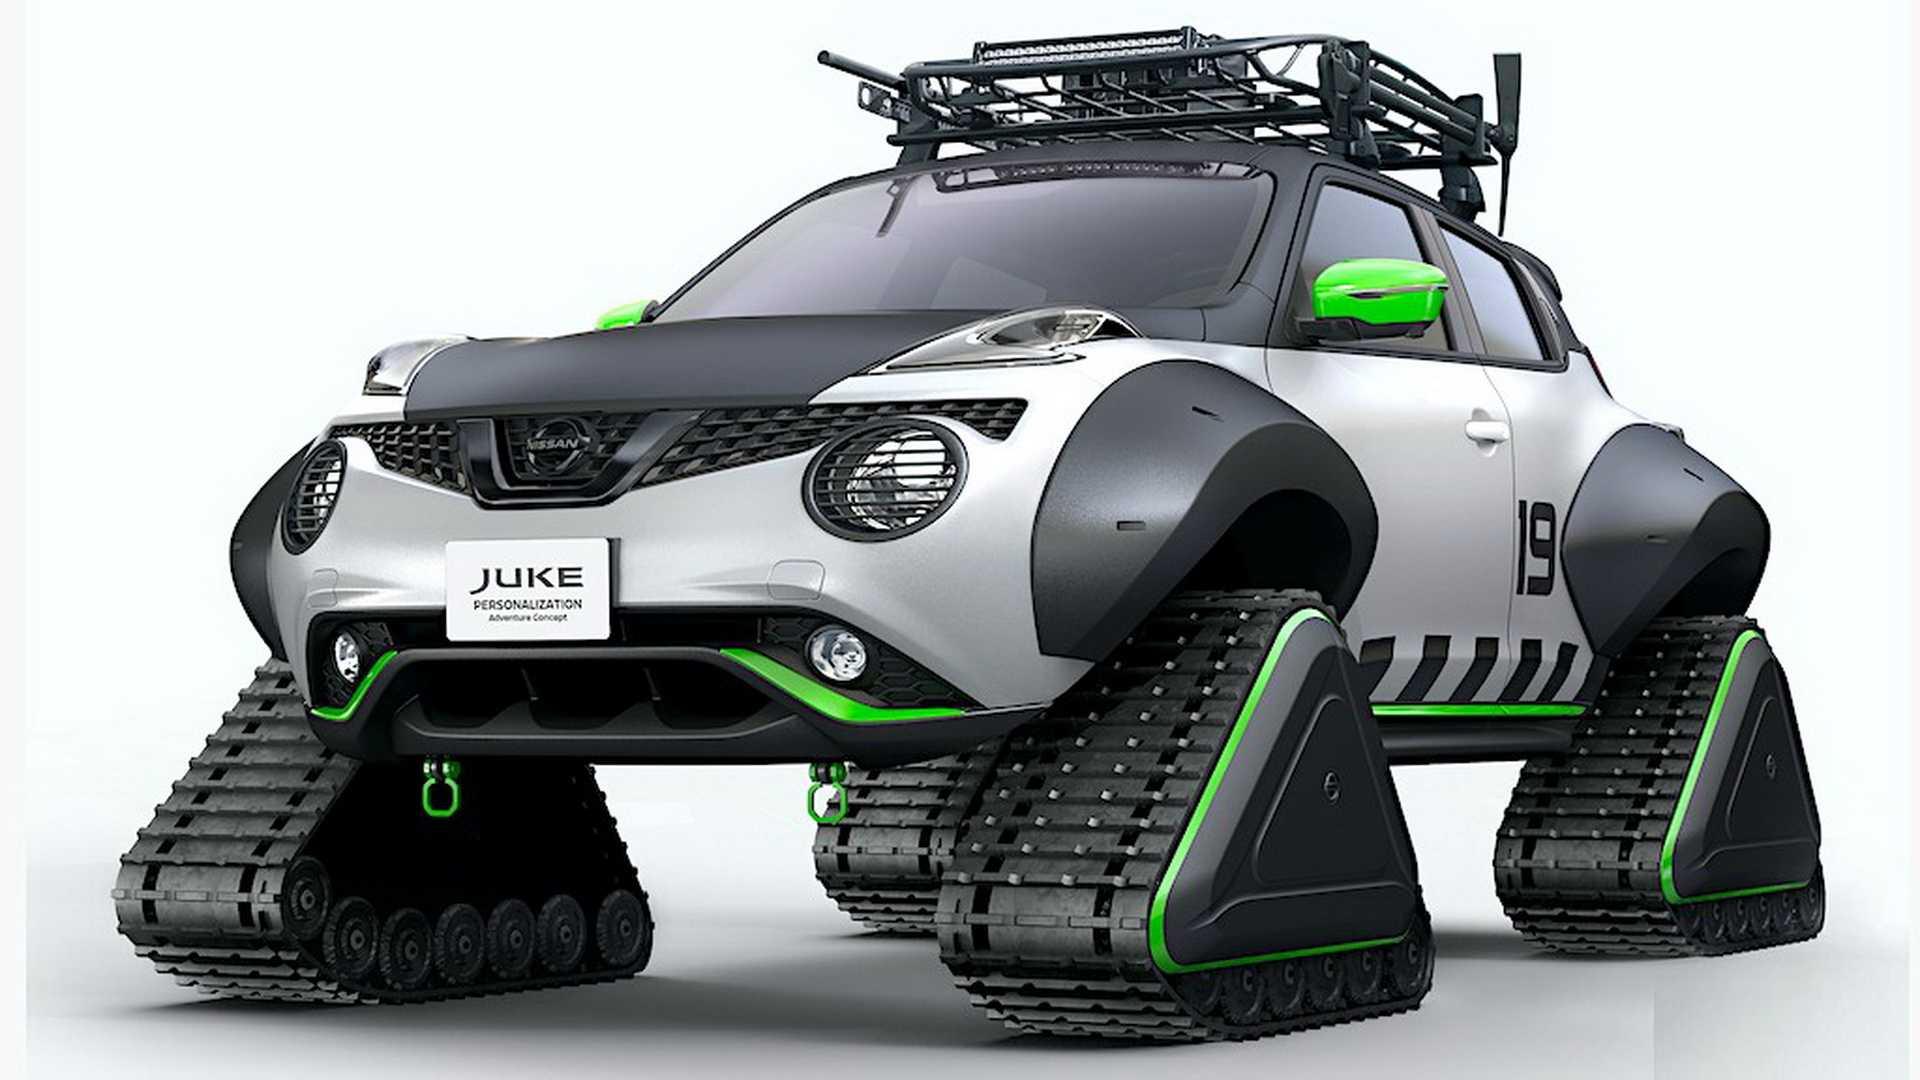 Японская компания «Ниссан» решила шокировать гостей Токийского автосалона необычной версией Juke